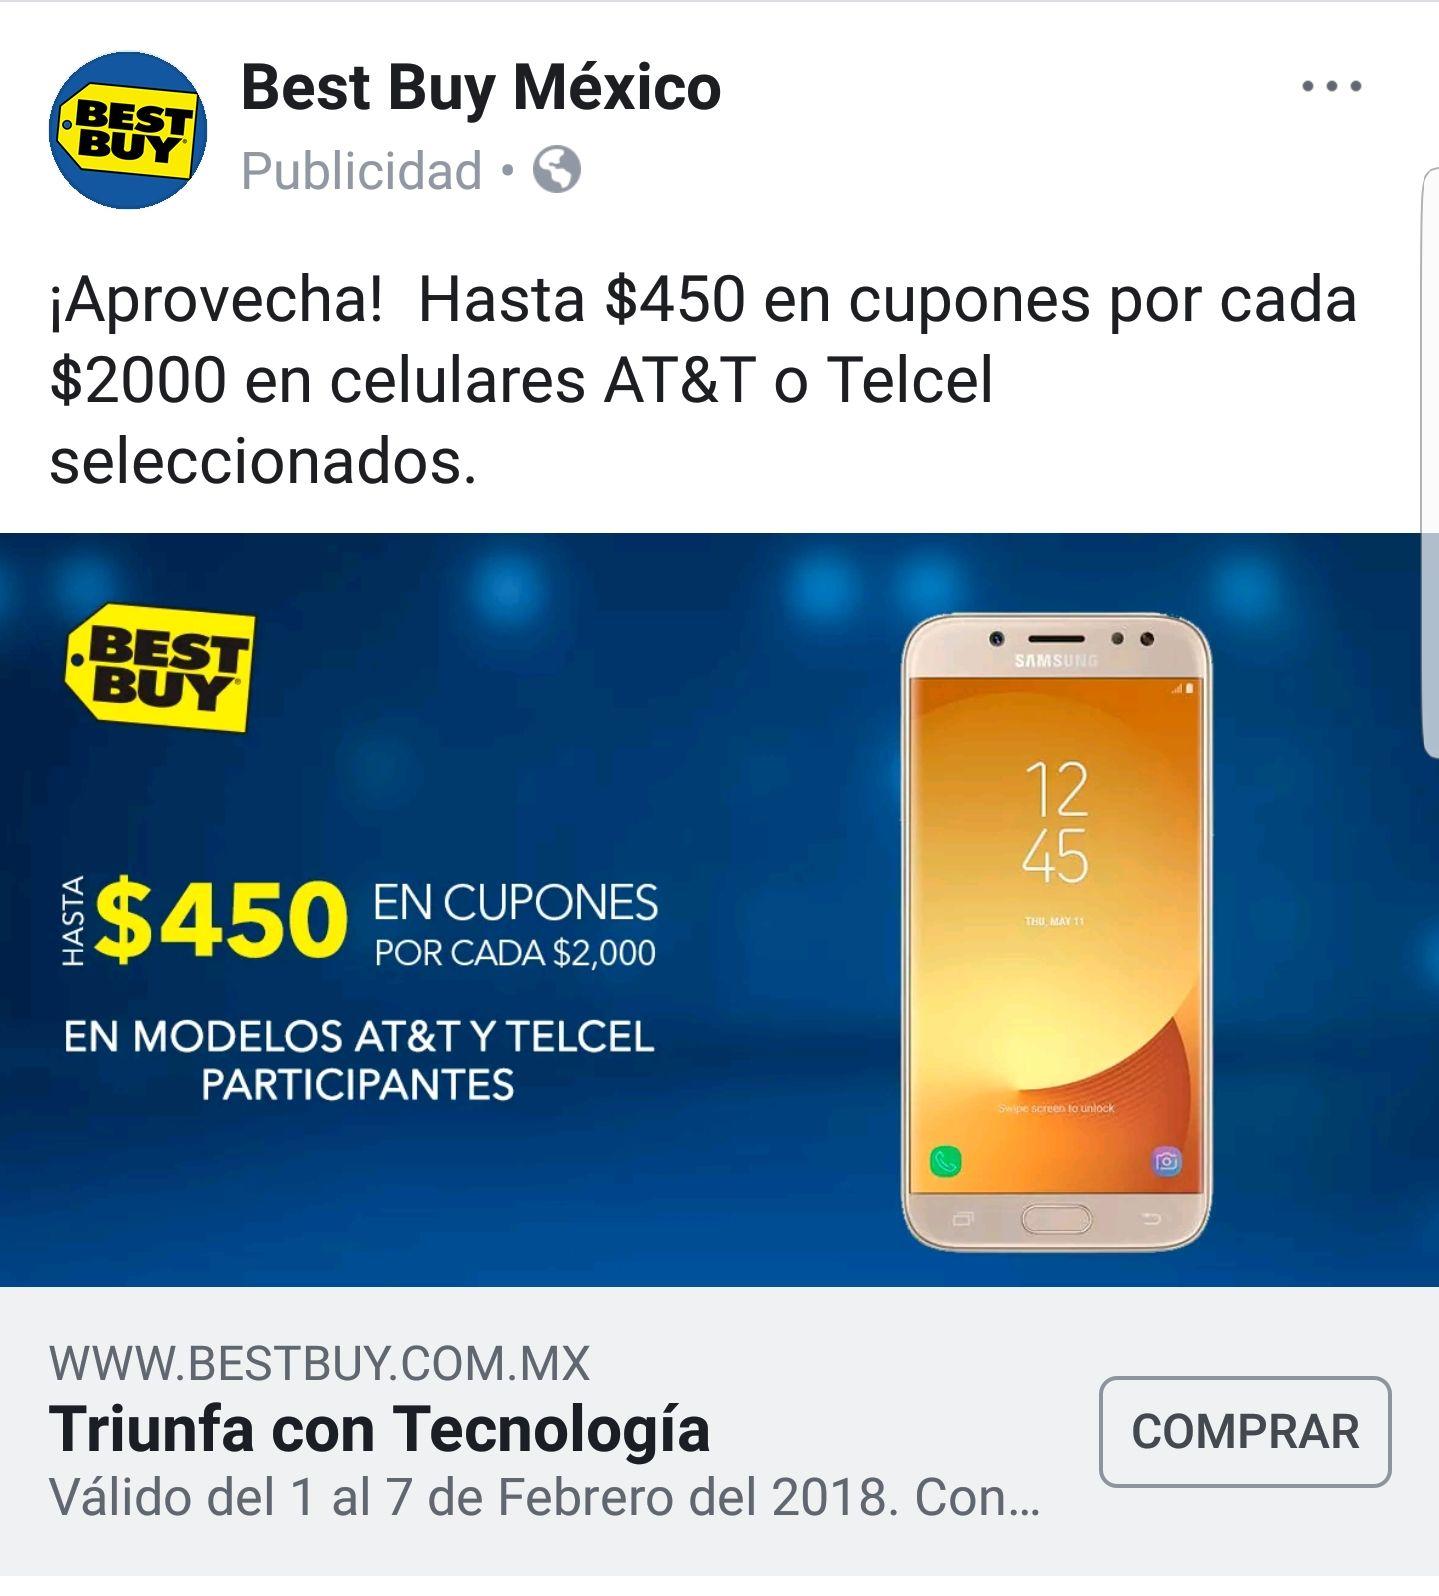 Best Buy: $450 en cupones por cada $2000 de compra en celulares seleccionados